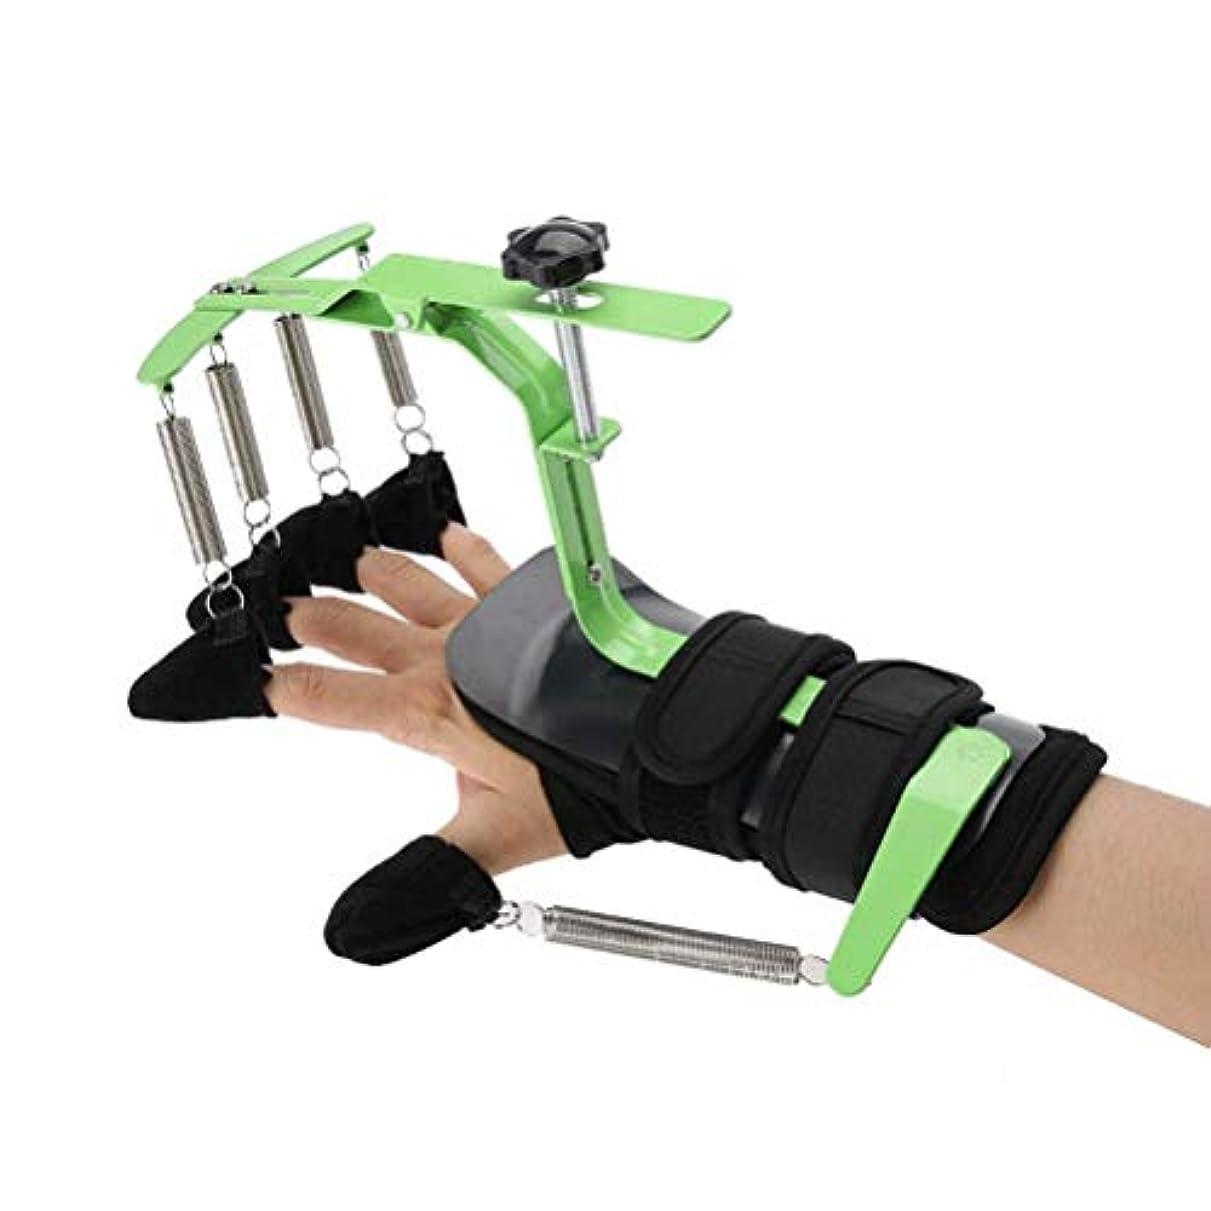 郊外反論者粉砕する指の変形や破損指ナックル固定化、指矯正ブレースガードプロテクターリハビリトレーニングデバイス動的フィンガースプリントのために指のトレーニングデバイスフィンガースプリント